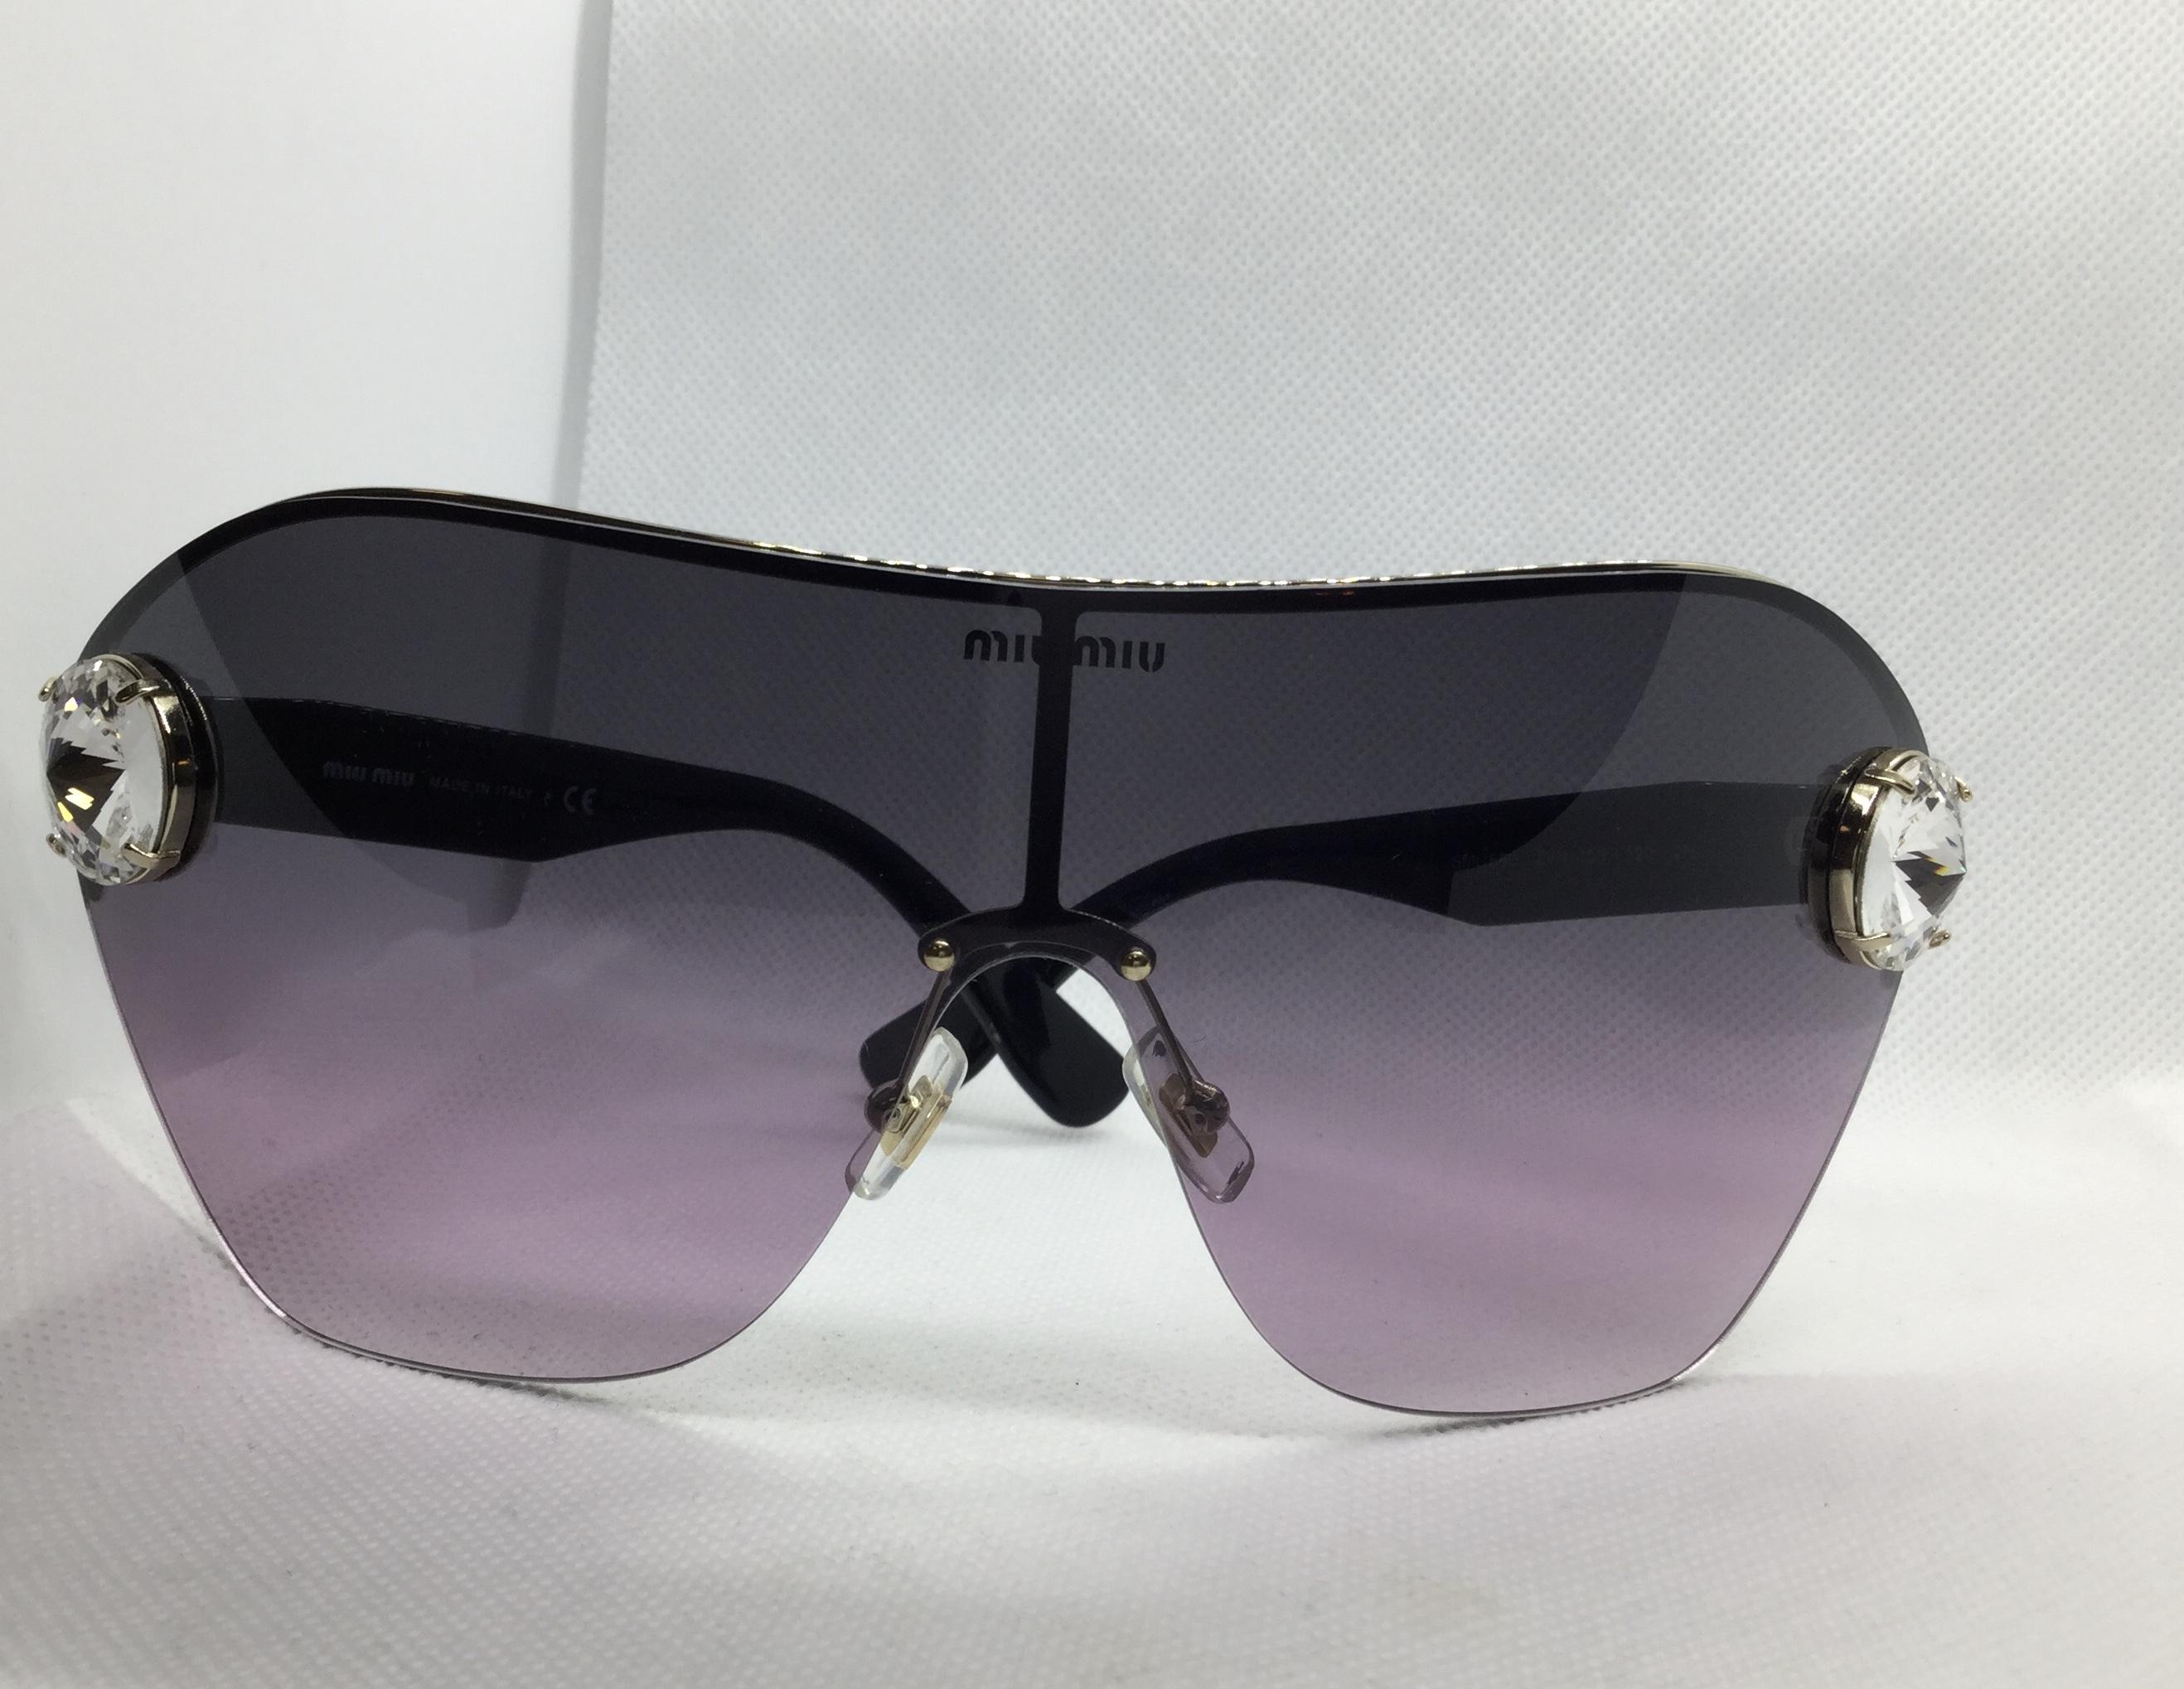 Occhiale sole Donna Miu Miu modello SMU 66U